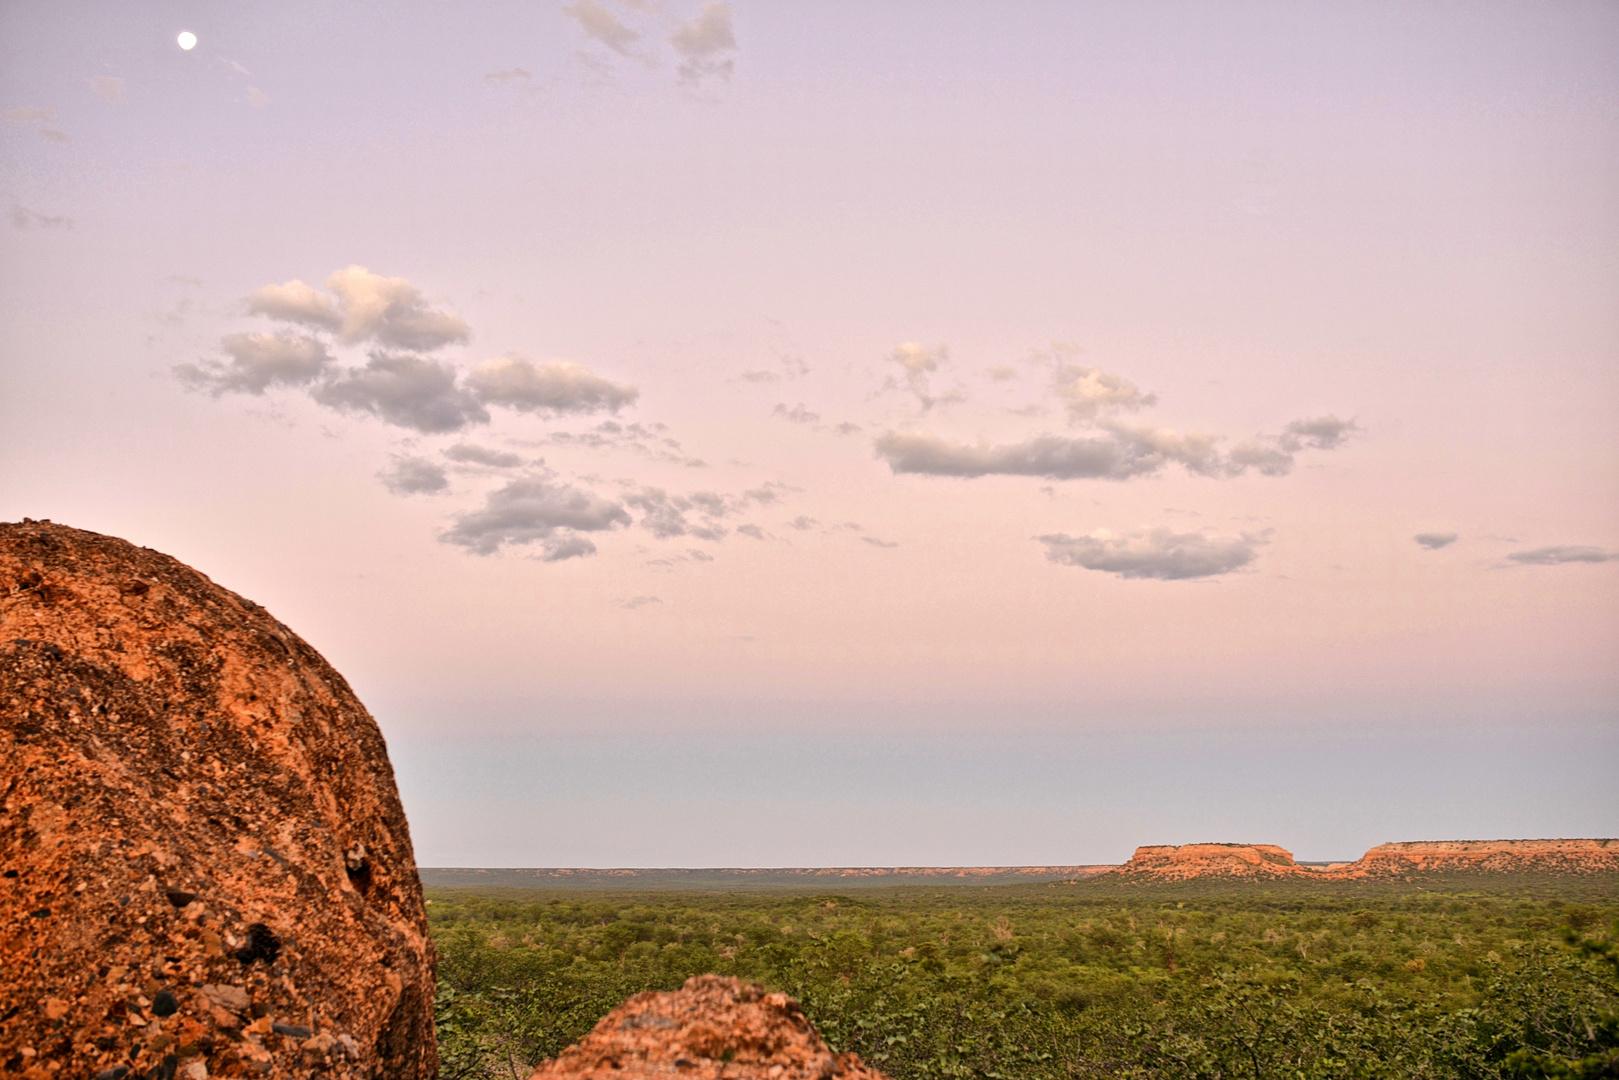 Vingerklip - Monument Valley of Namibia